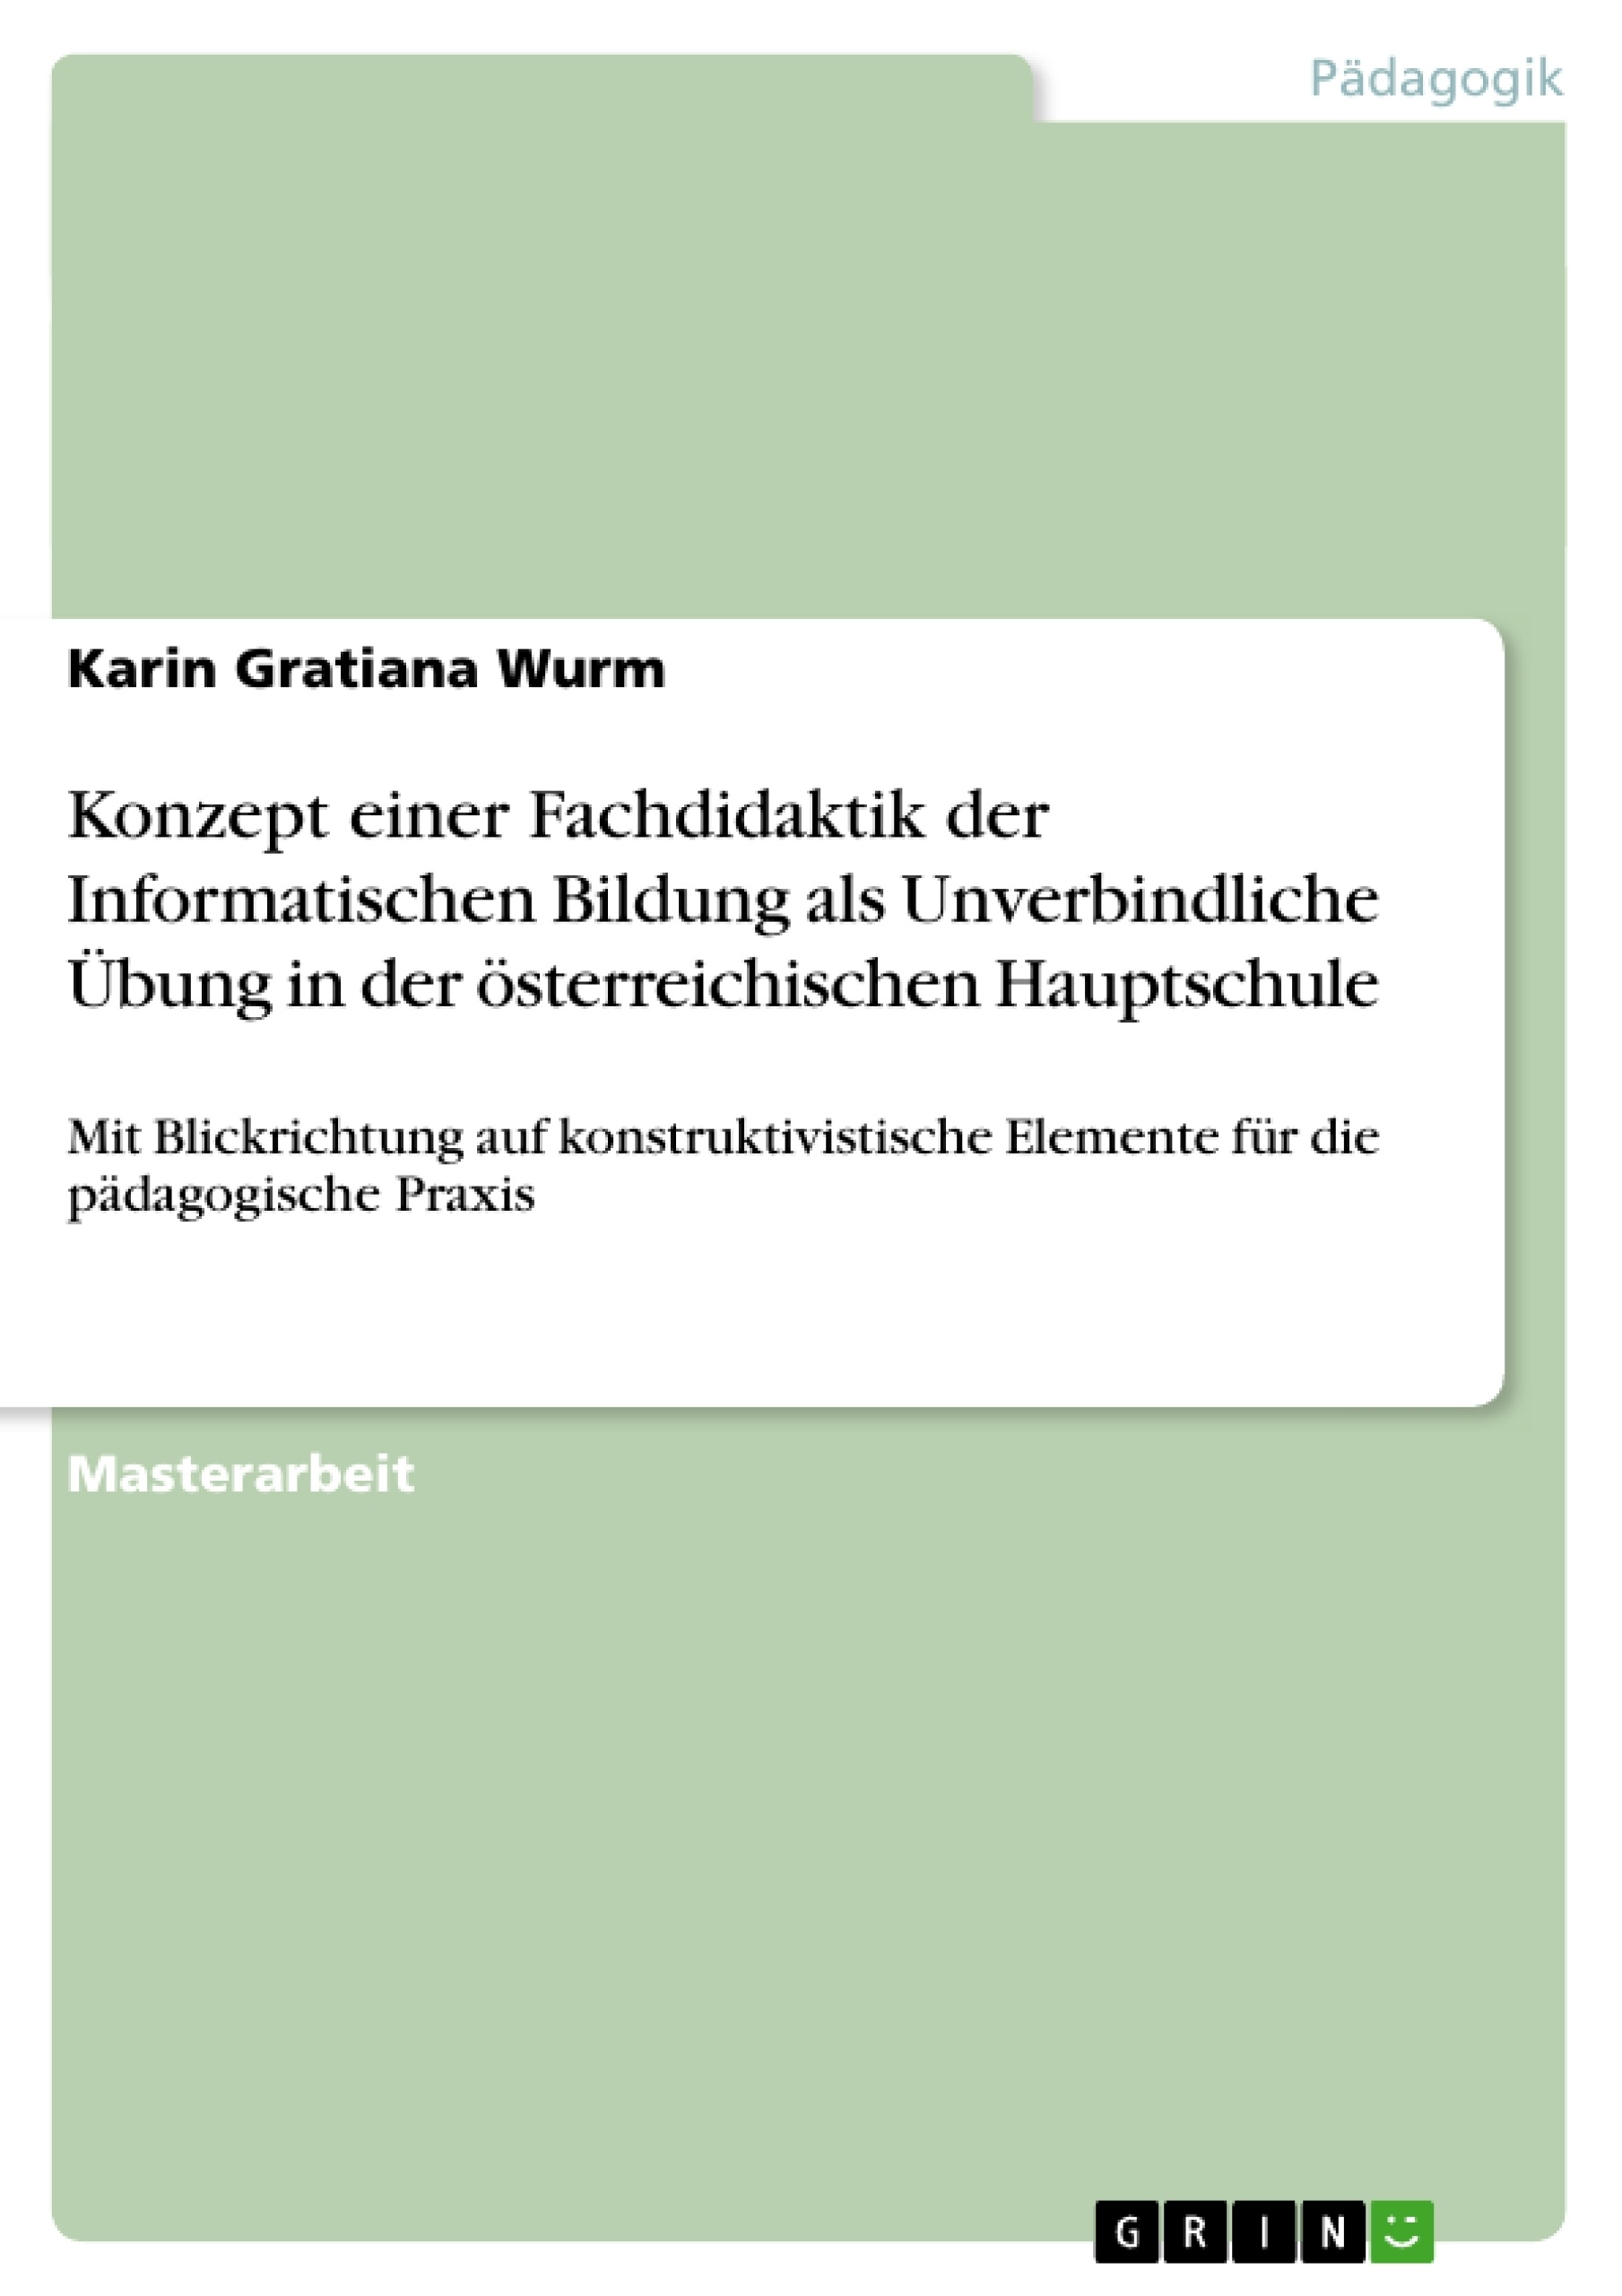 Titel: Konzept einer Fachdidaktik der Informatischen Bildung als Unverbindliche Übung in der österreichischen Hauptschule